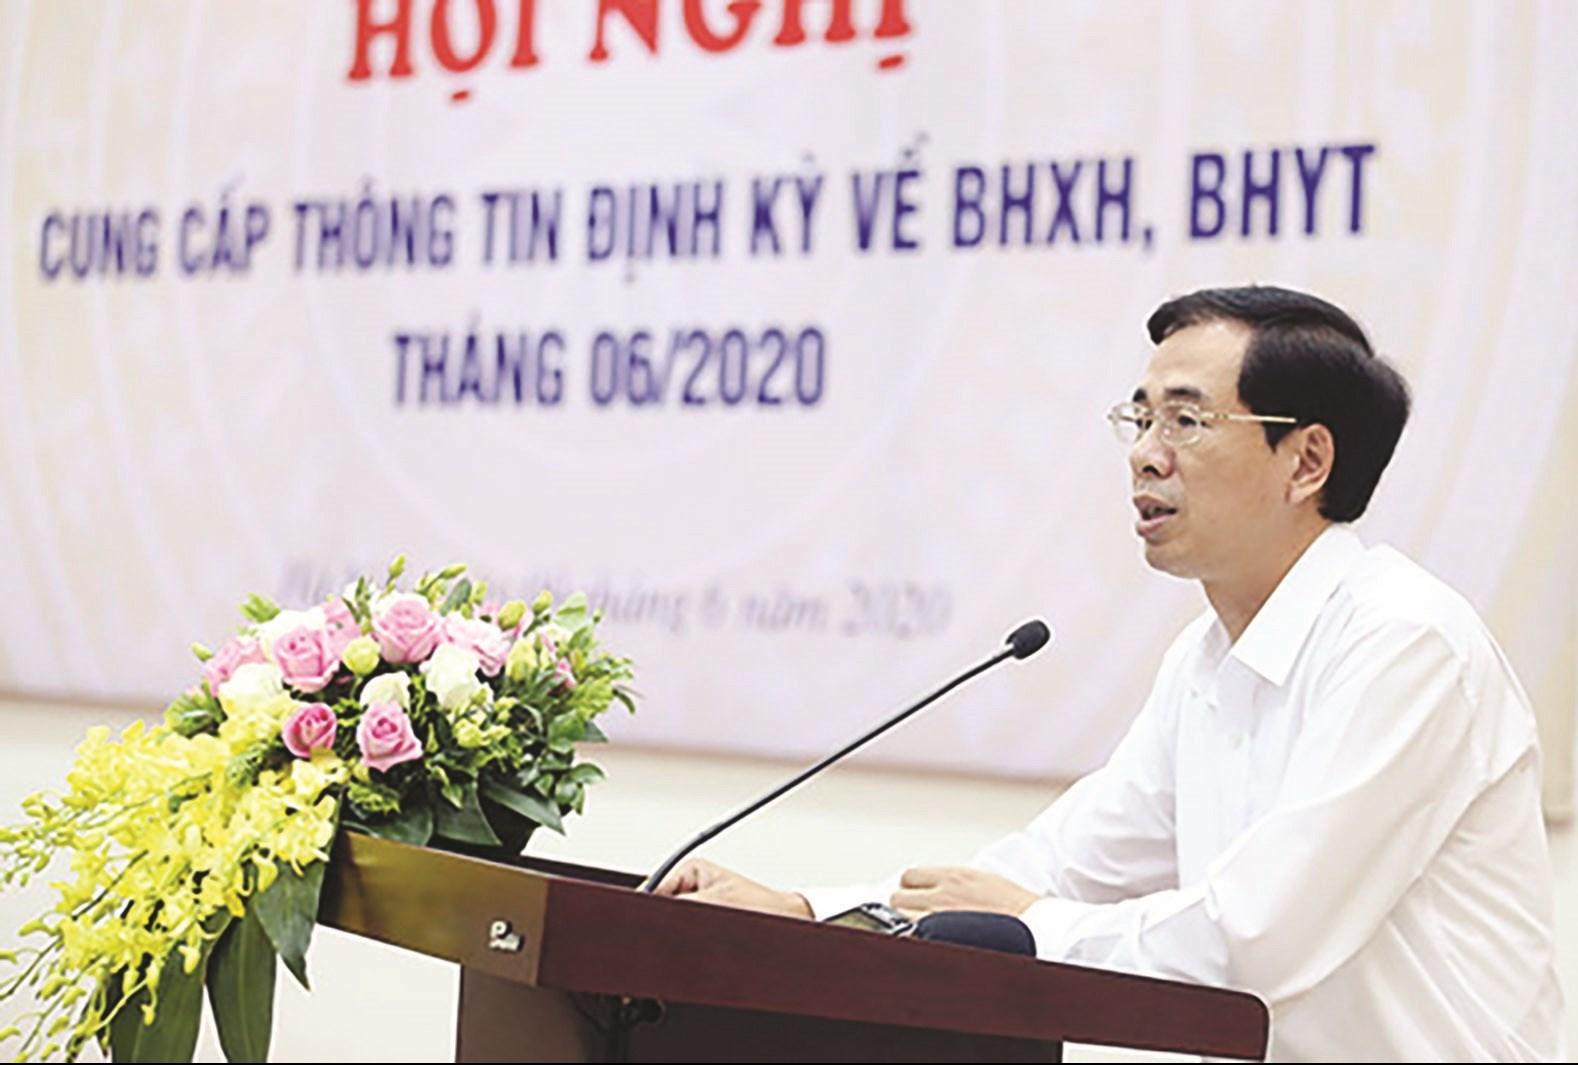 Ông Đào Việt Ánh, Phó Tổng Giám đốc BHXH Việt Nam phát biểu tại Hội nghị cung cấp thông tin định kỳ về BHXH